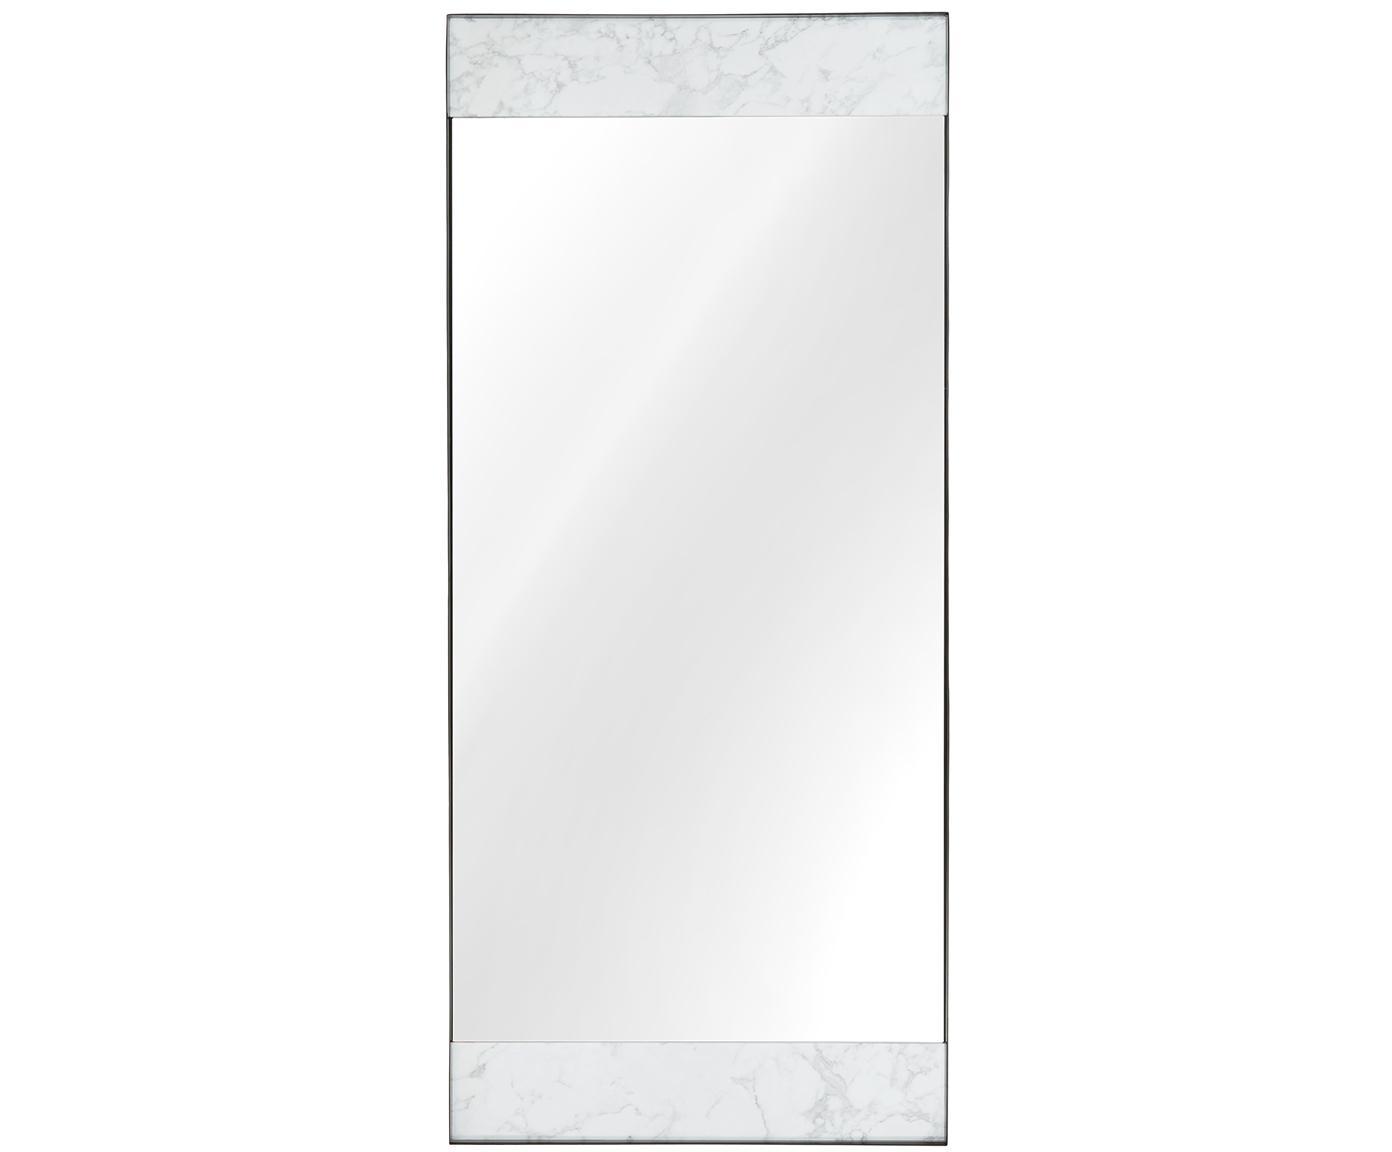 Leunende spiegel Kopenhagen, Lijst: melamine, metaal, Gemarmerd wit, zwart, 75 x 176 cm